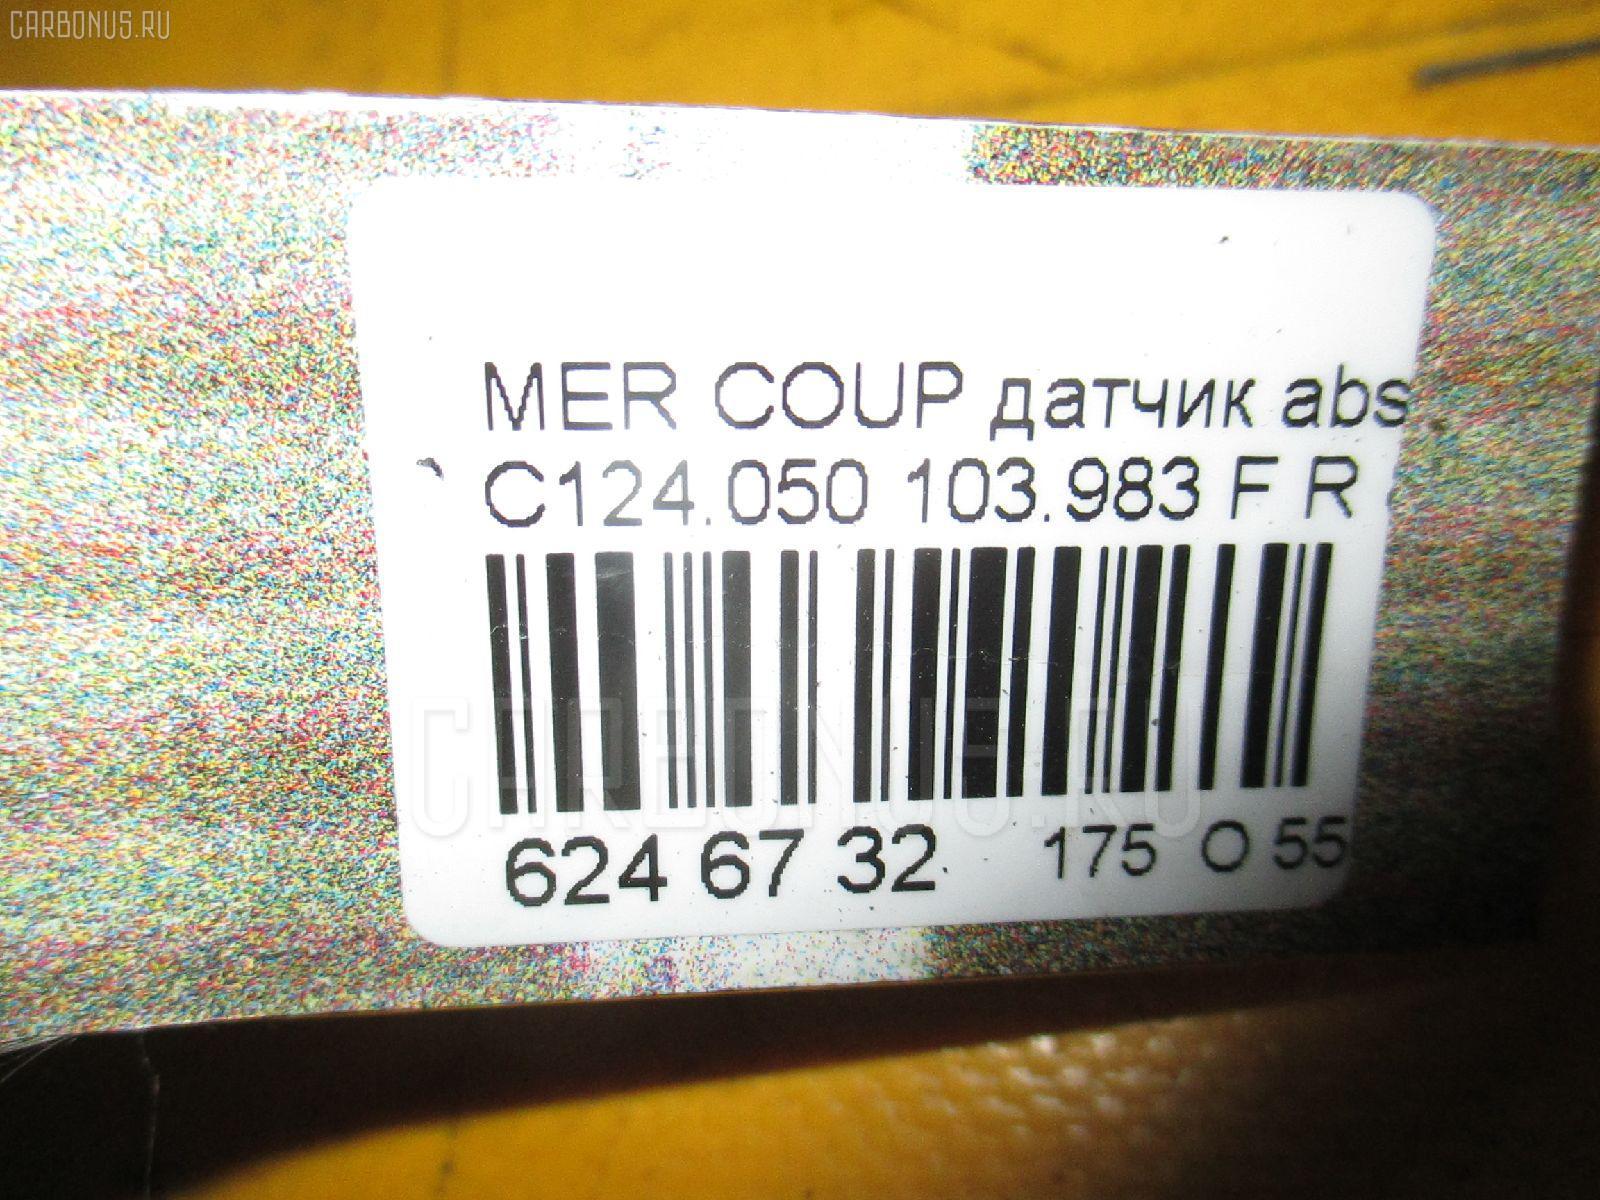 Датчик ABS MERCEDES-BENZ COUPE C124.050 103.983 Фото 8